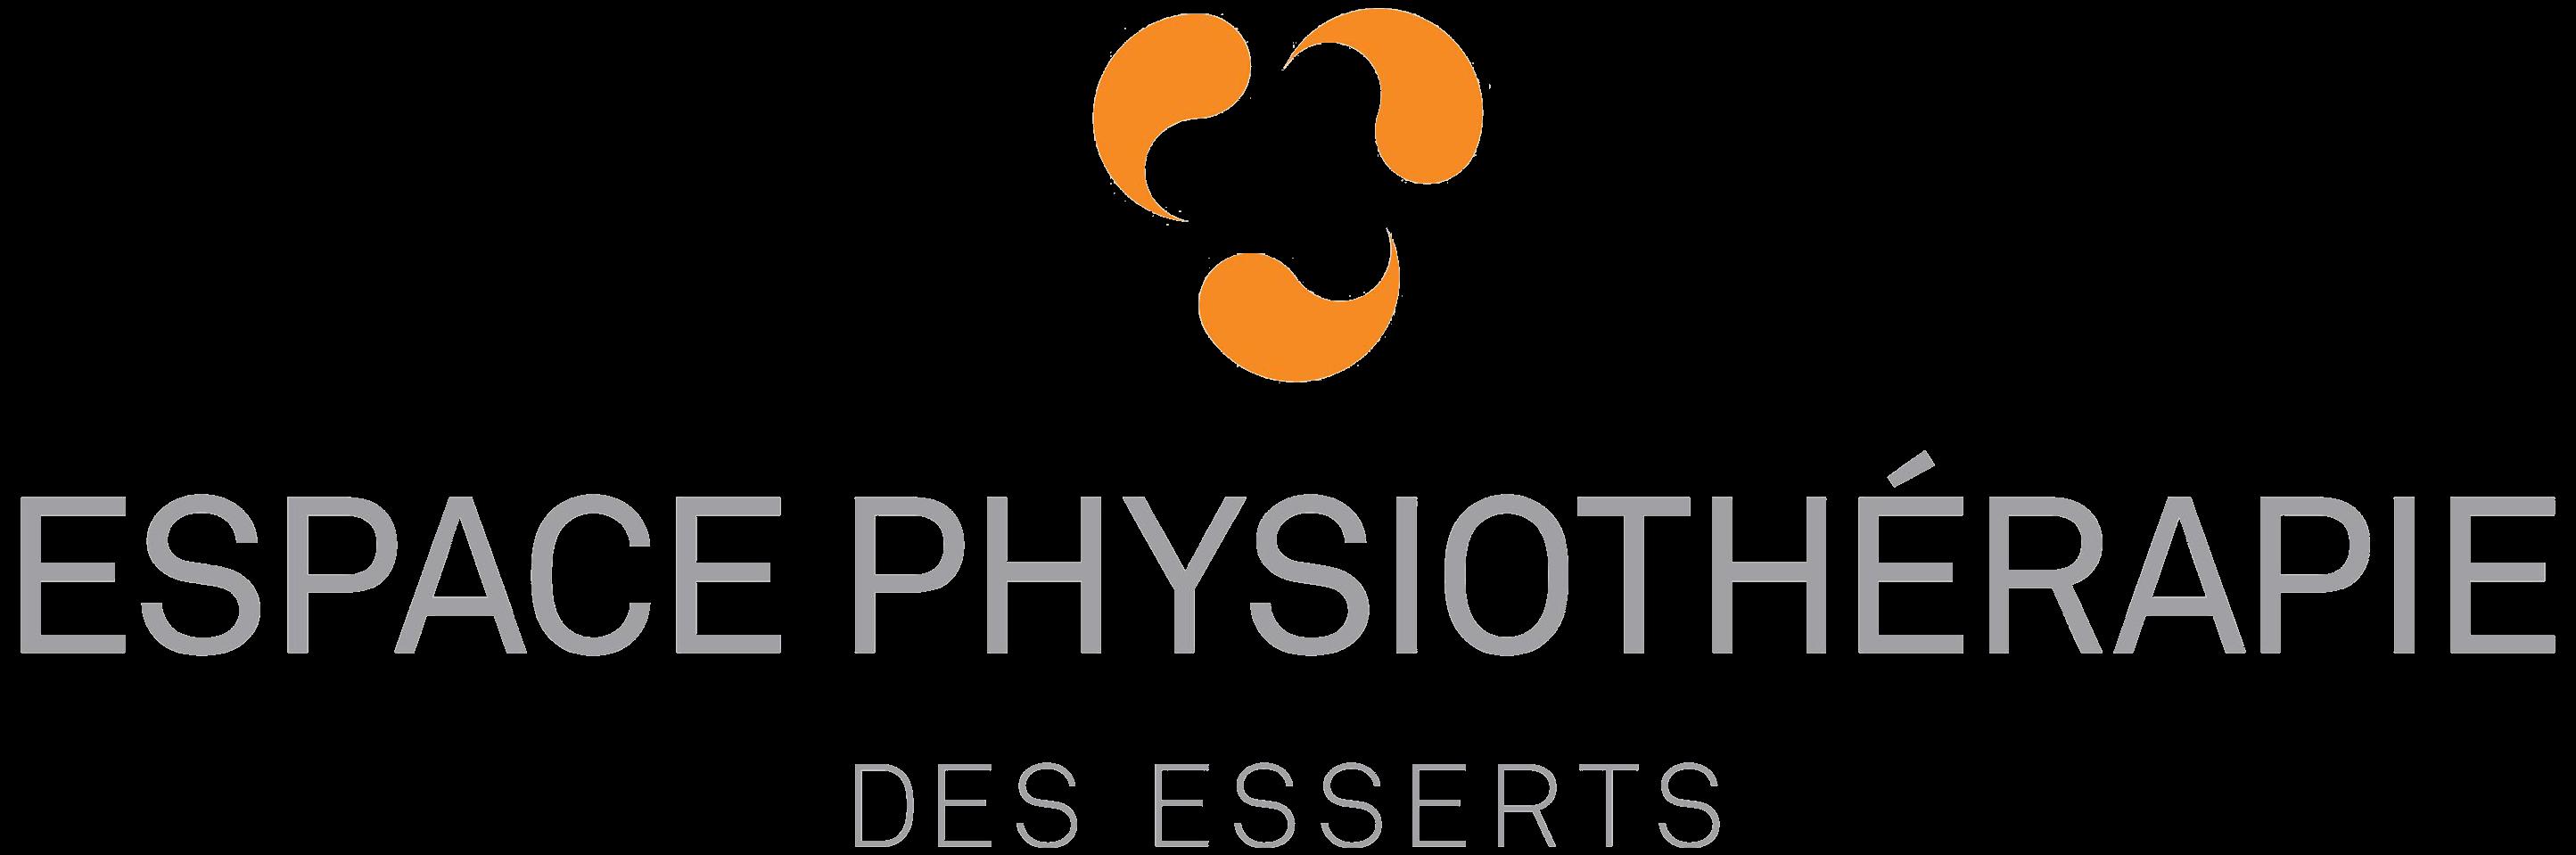 Espace Physiothérapie des Esserts